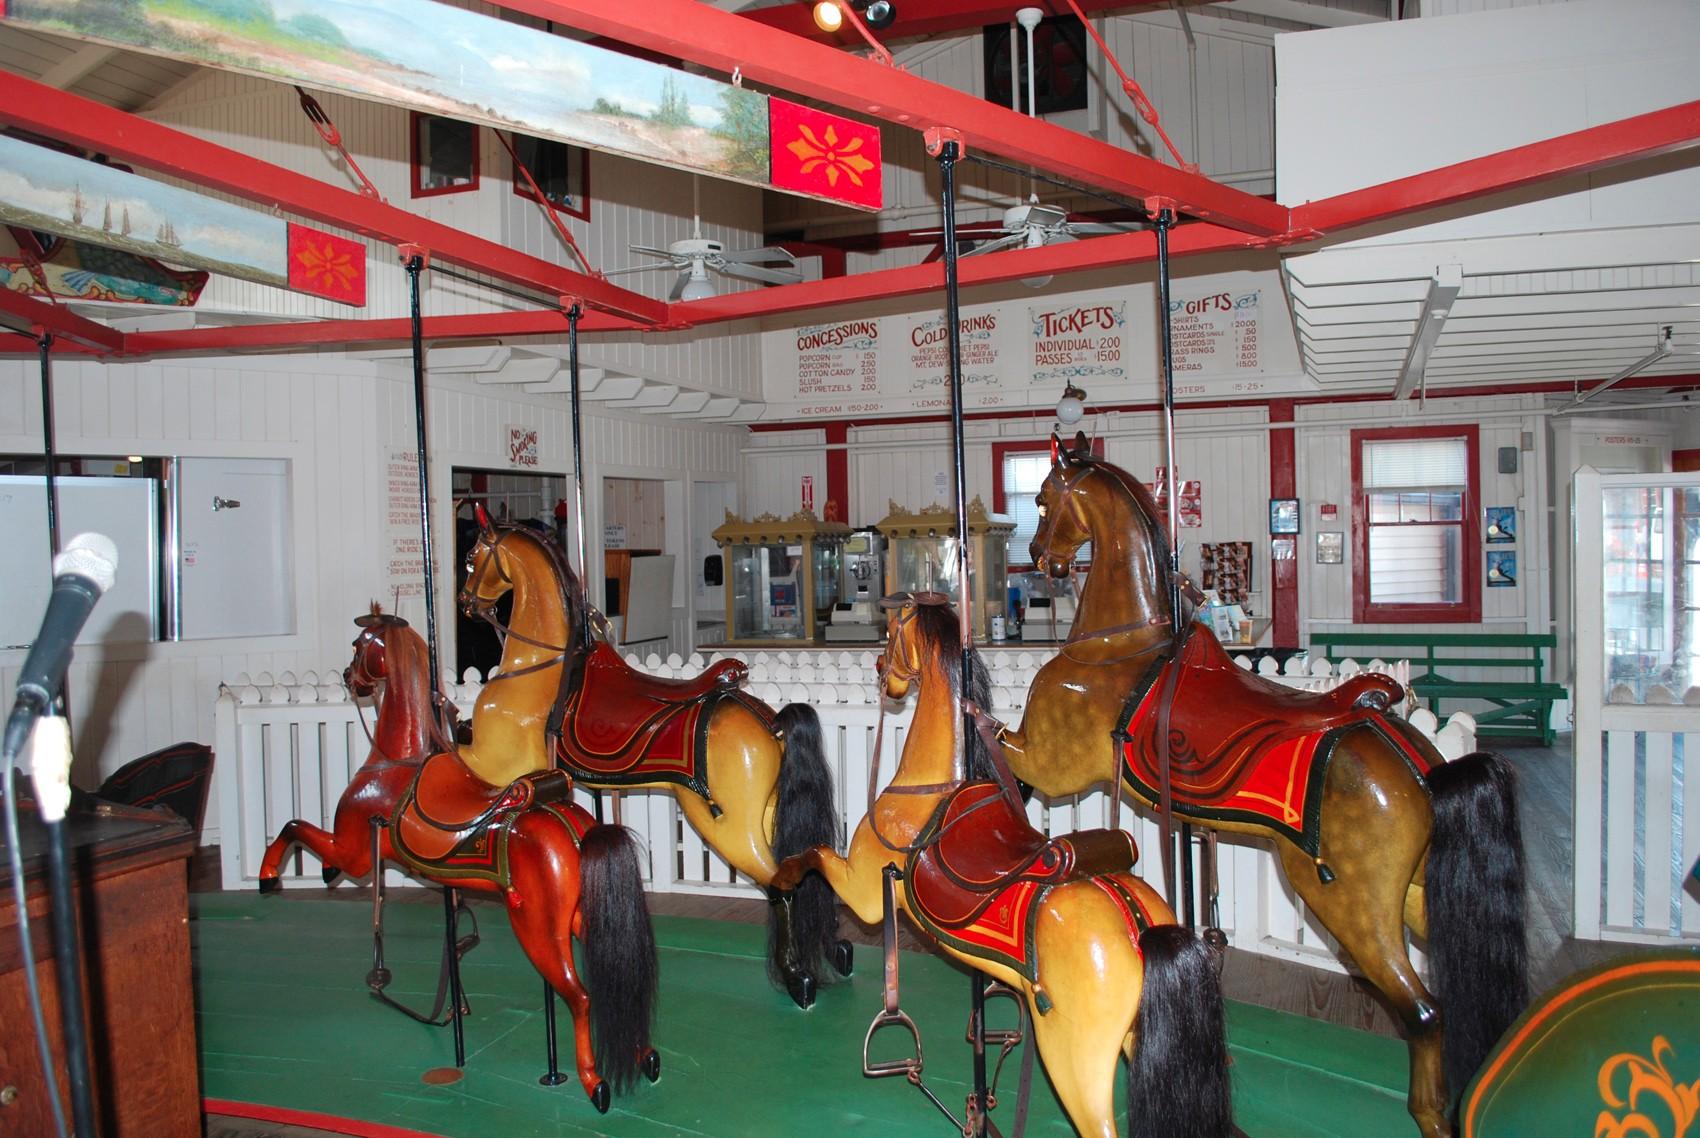 1876-Oak-Bluffs-Flying-Horses-carousel-9